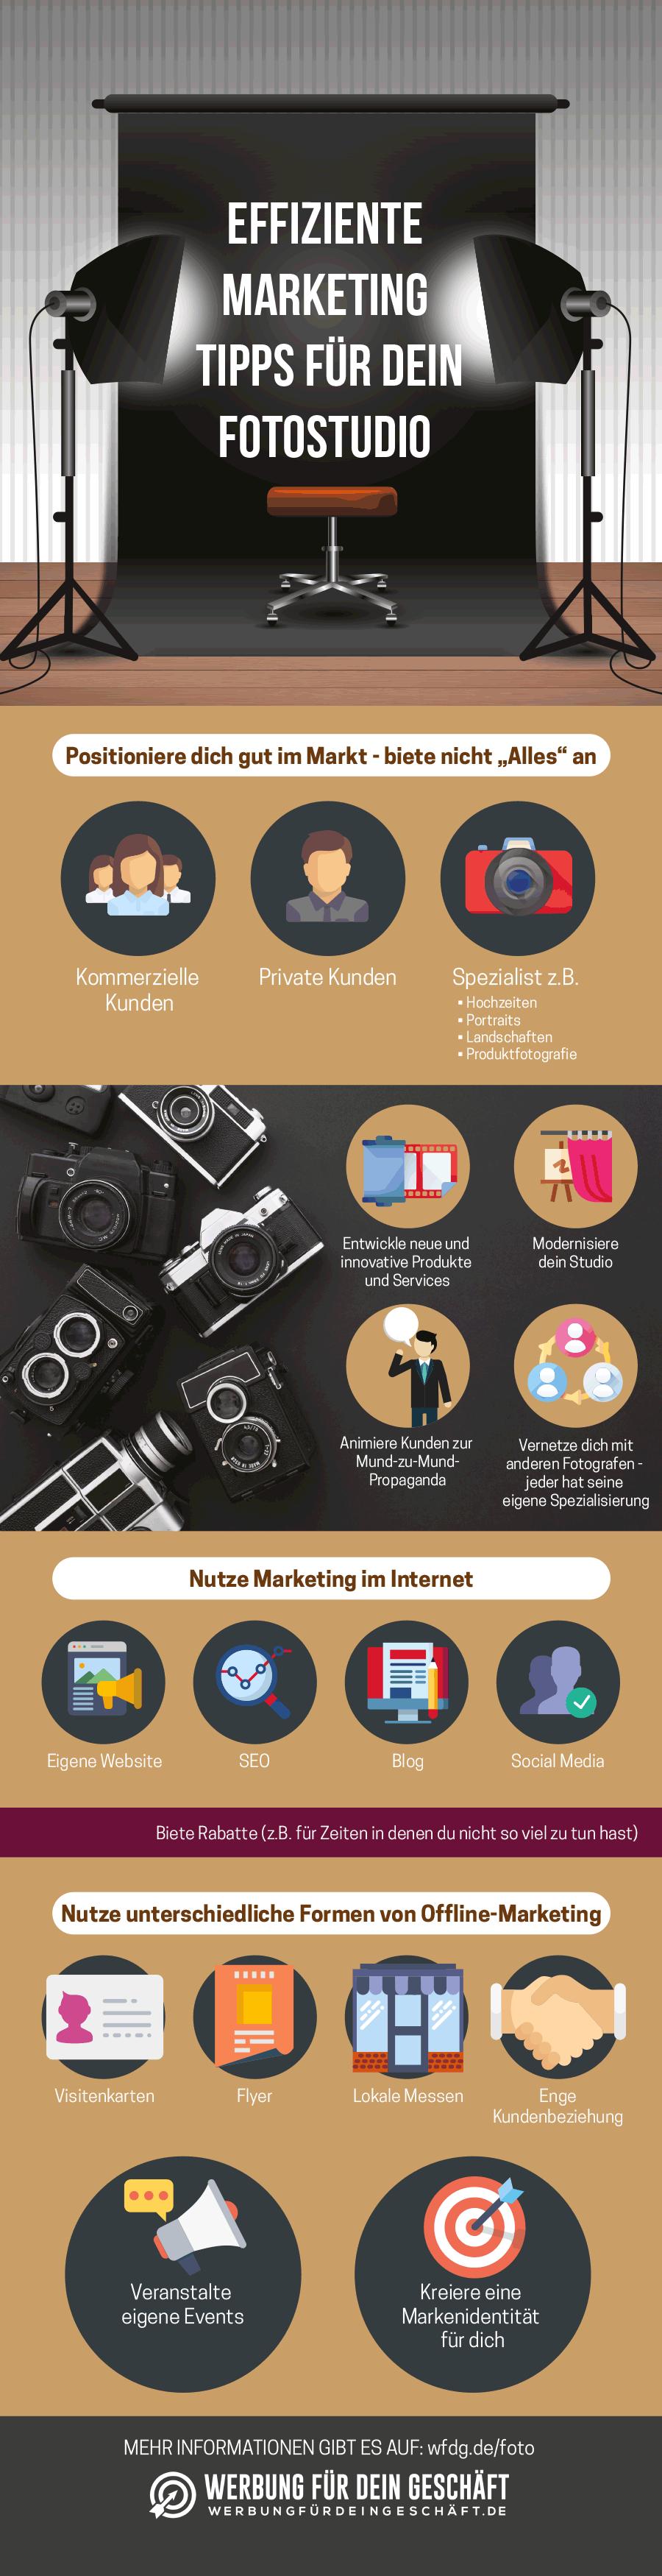 Infografik mit effizienten Marketing Tipps für dein Fotostudio